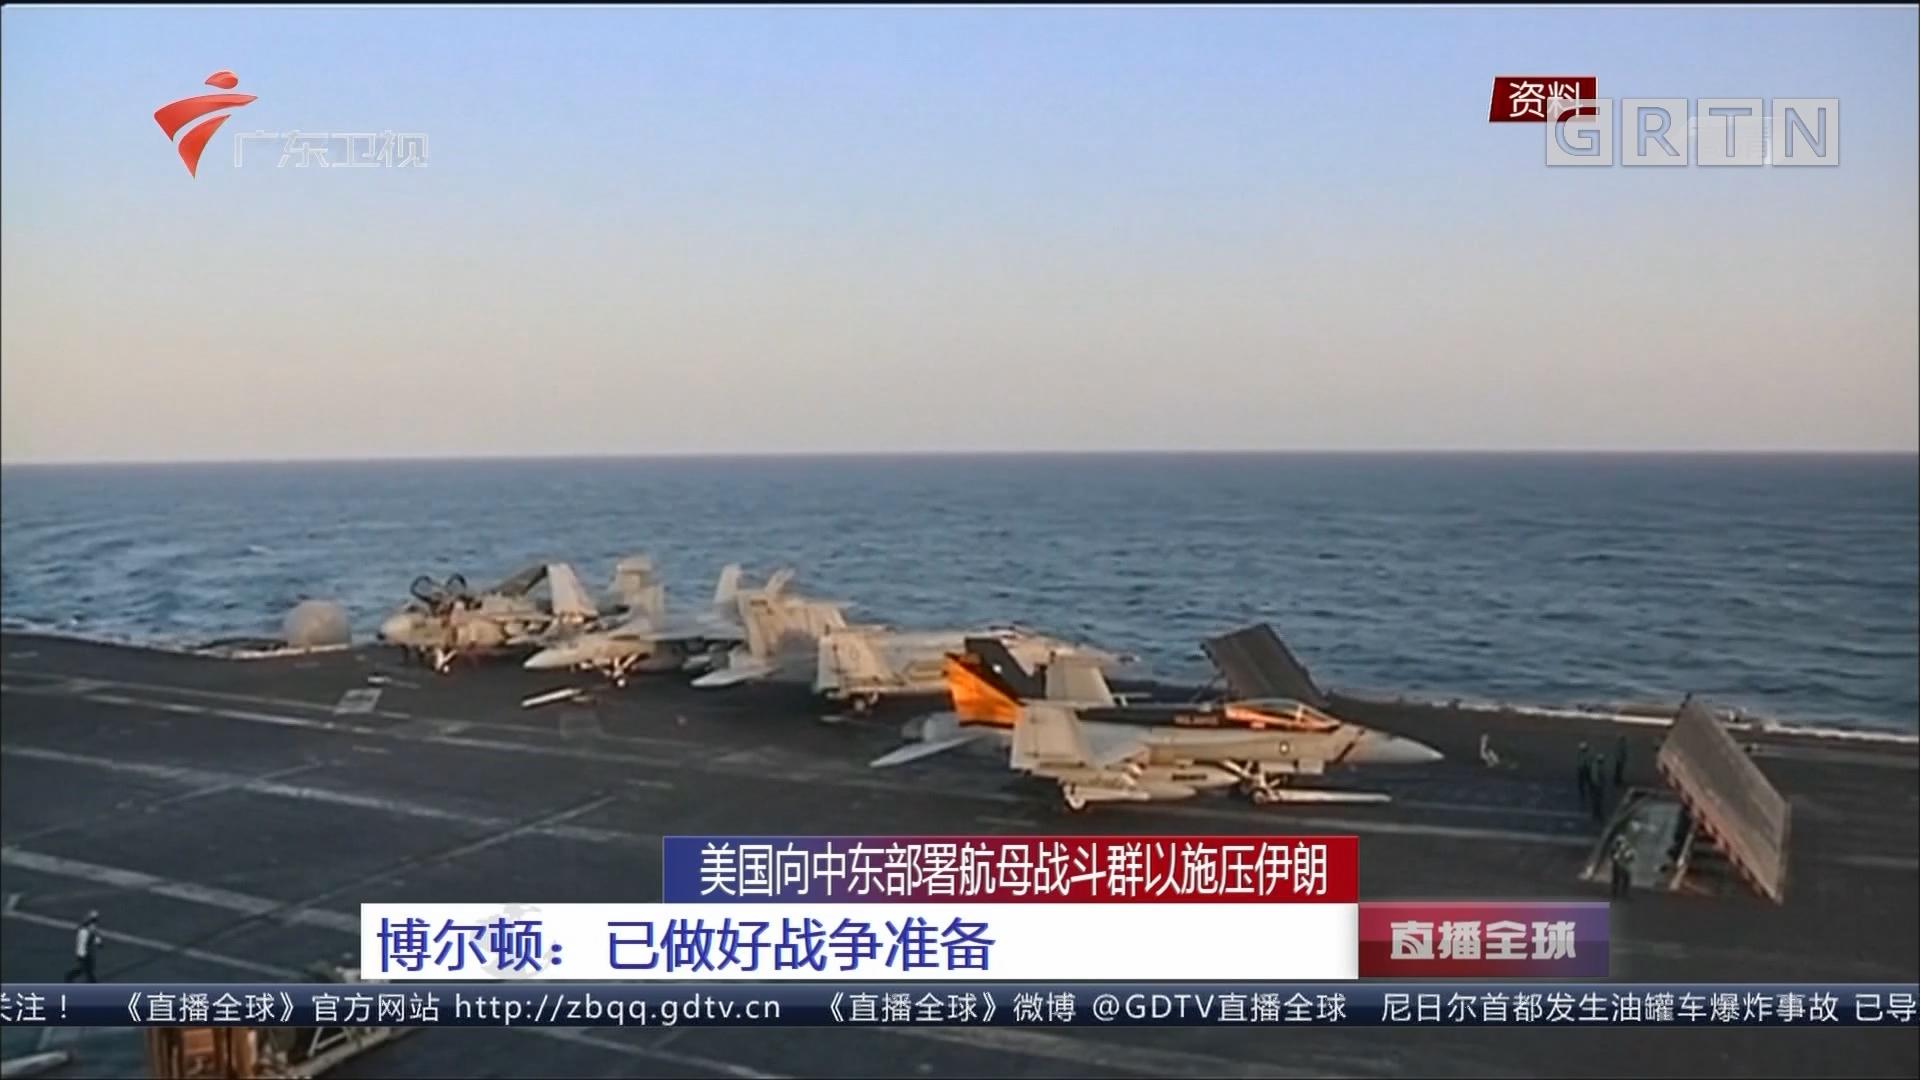 美国向中东部署航母战斗群以施压伊朗 博尔顿:已做好战争准备